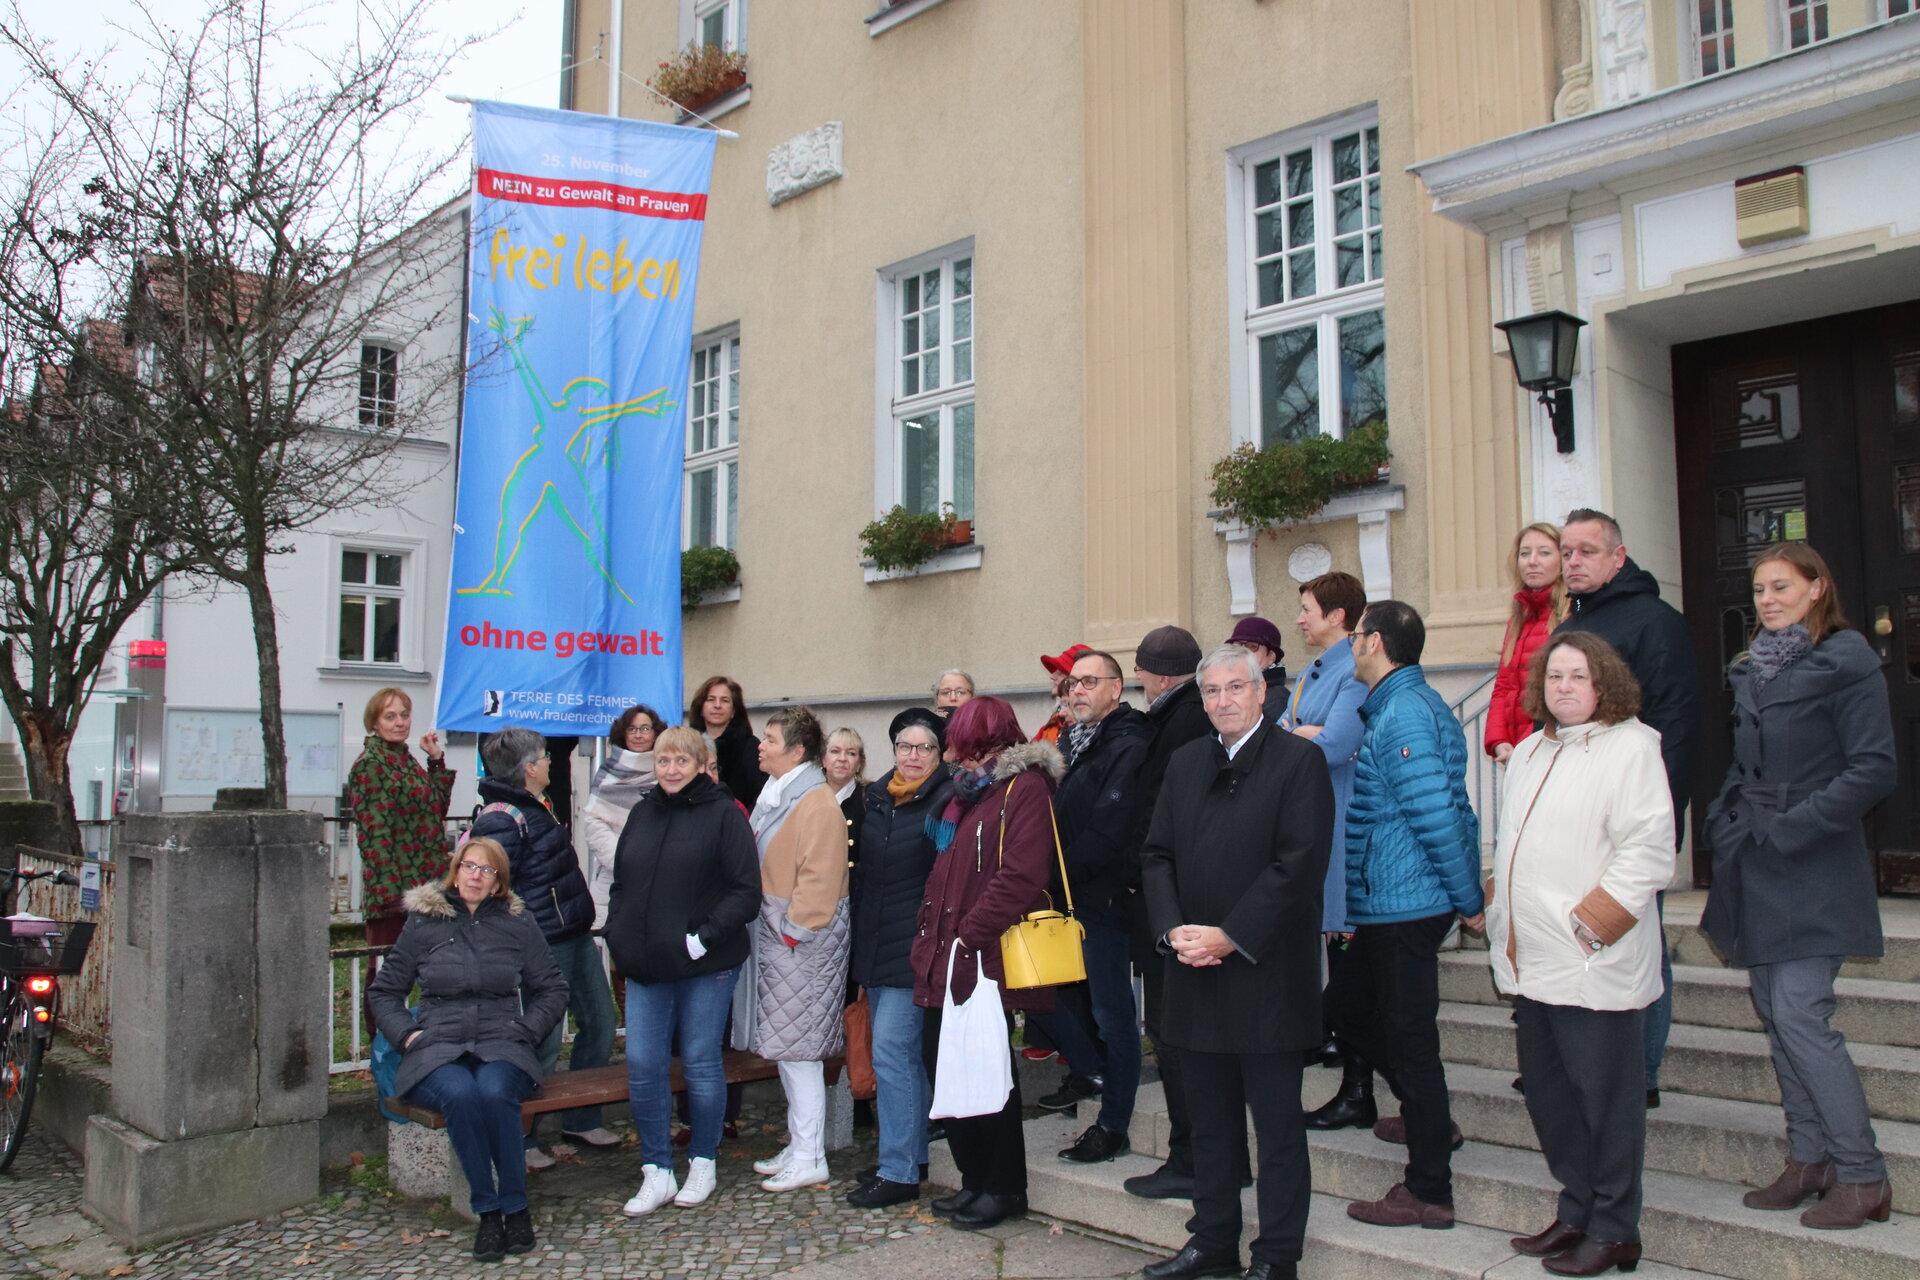 Aktion Nein zu Gewalt an Frauen vor dem Falkenseer Rathaus im Jahr 2019.